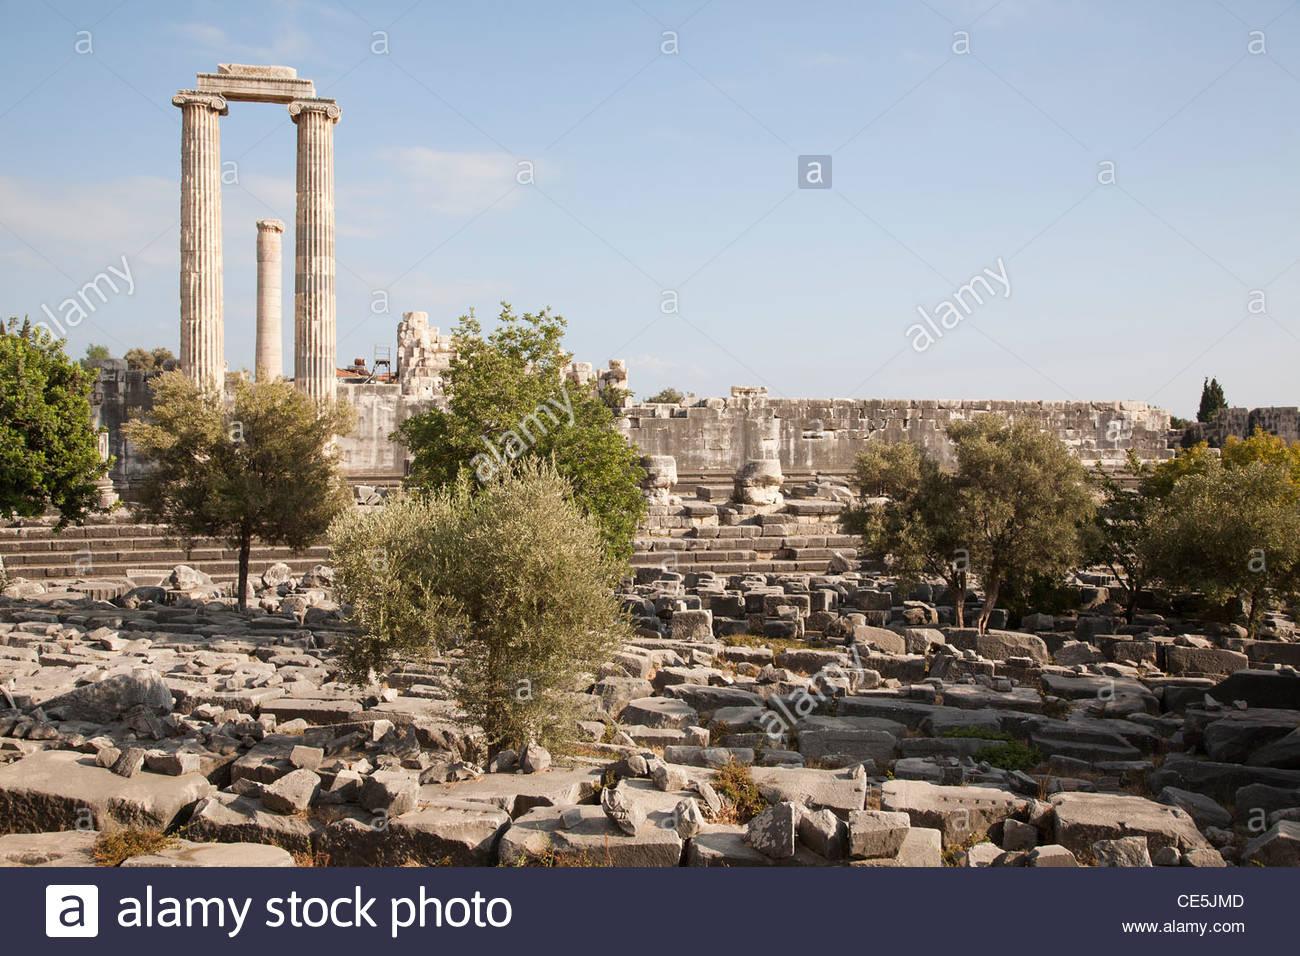 temple of apollo,archeological area,didyma,southern aegean coast,turkey,asia - Stock Image